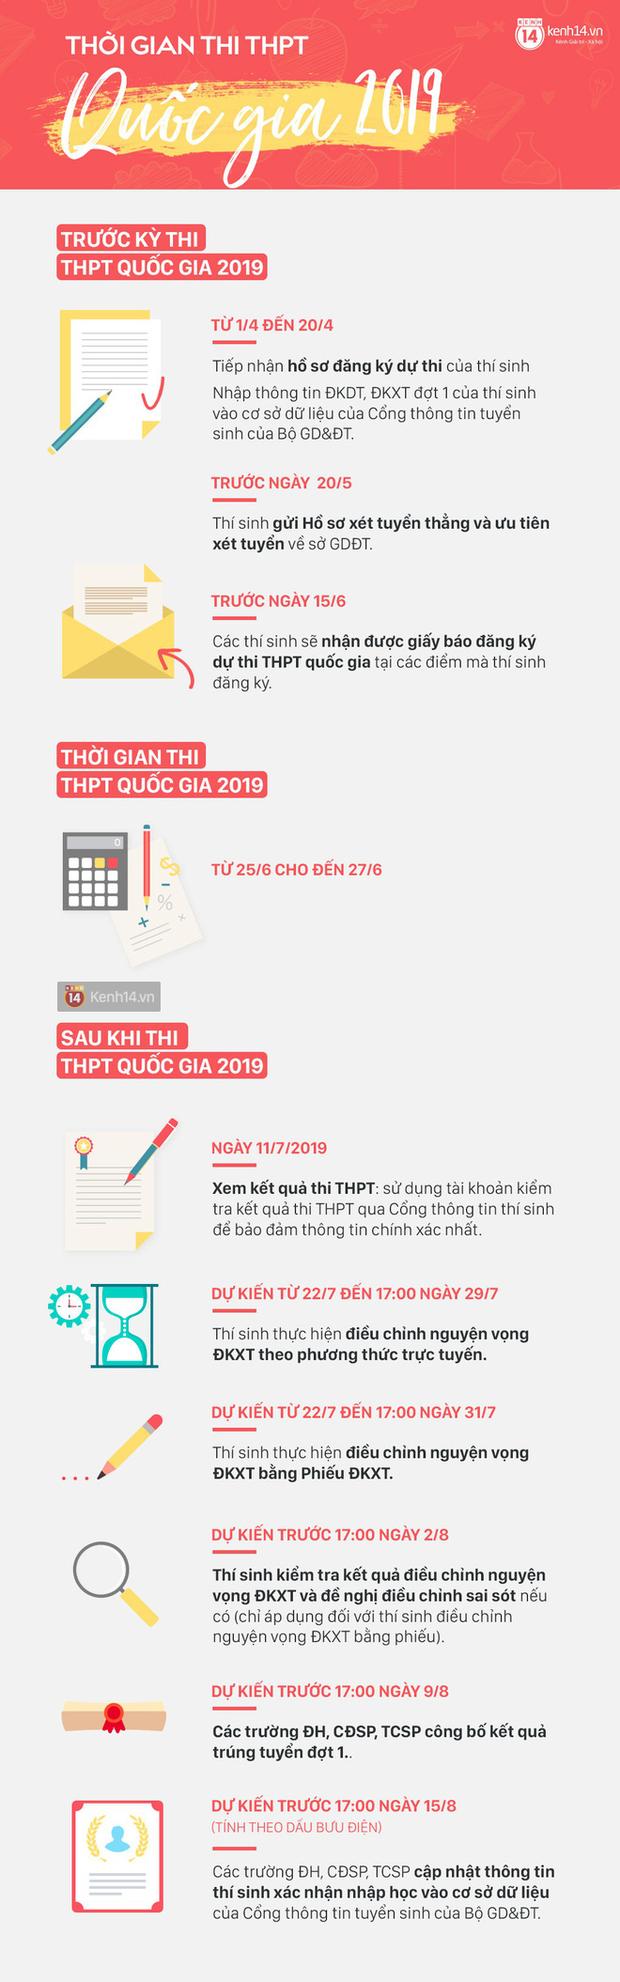 Những mốc thời gian quan trọng trước, trong và sau thi THPT Quốc gia 2019 thí sinh cần ghi nhớ - Ảnh 1.